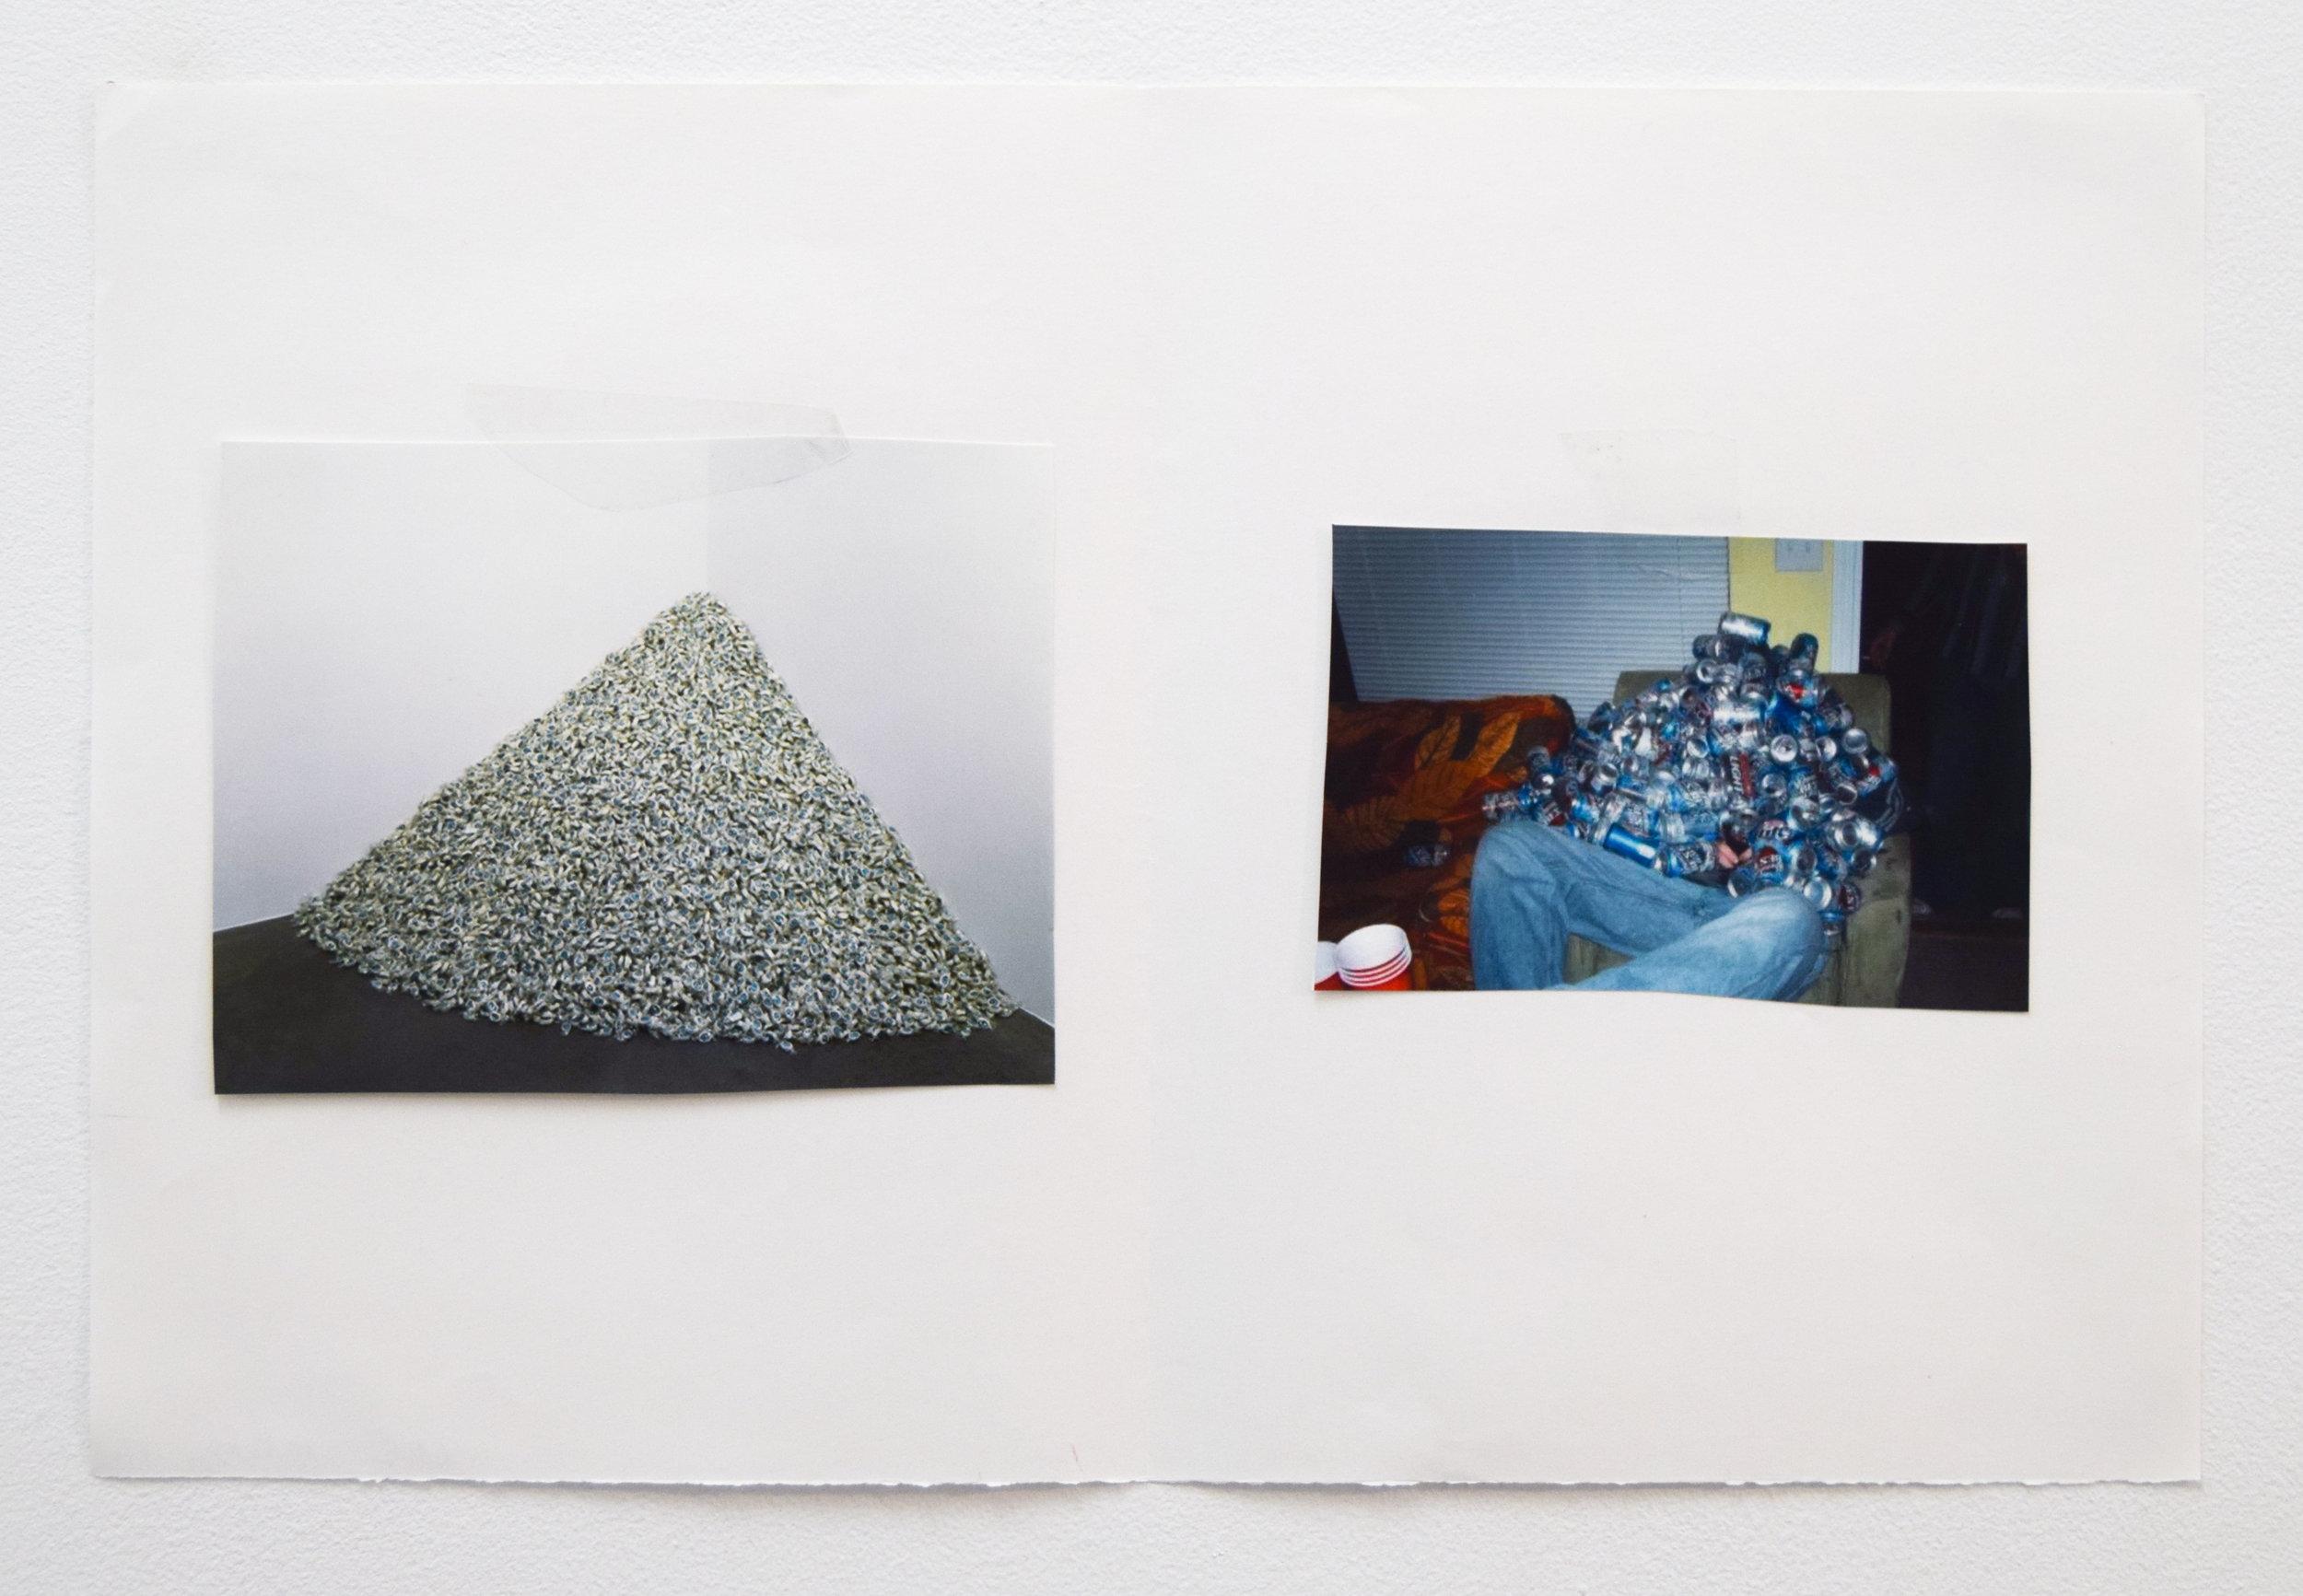 Comparison 70,  Al Freeman, 12.5 x 19 inches, 31.8 x 48.3 centimeters